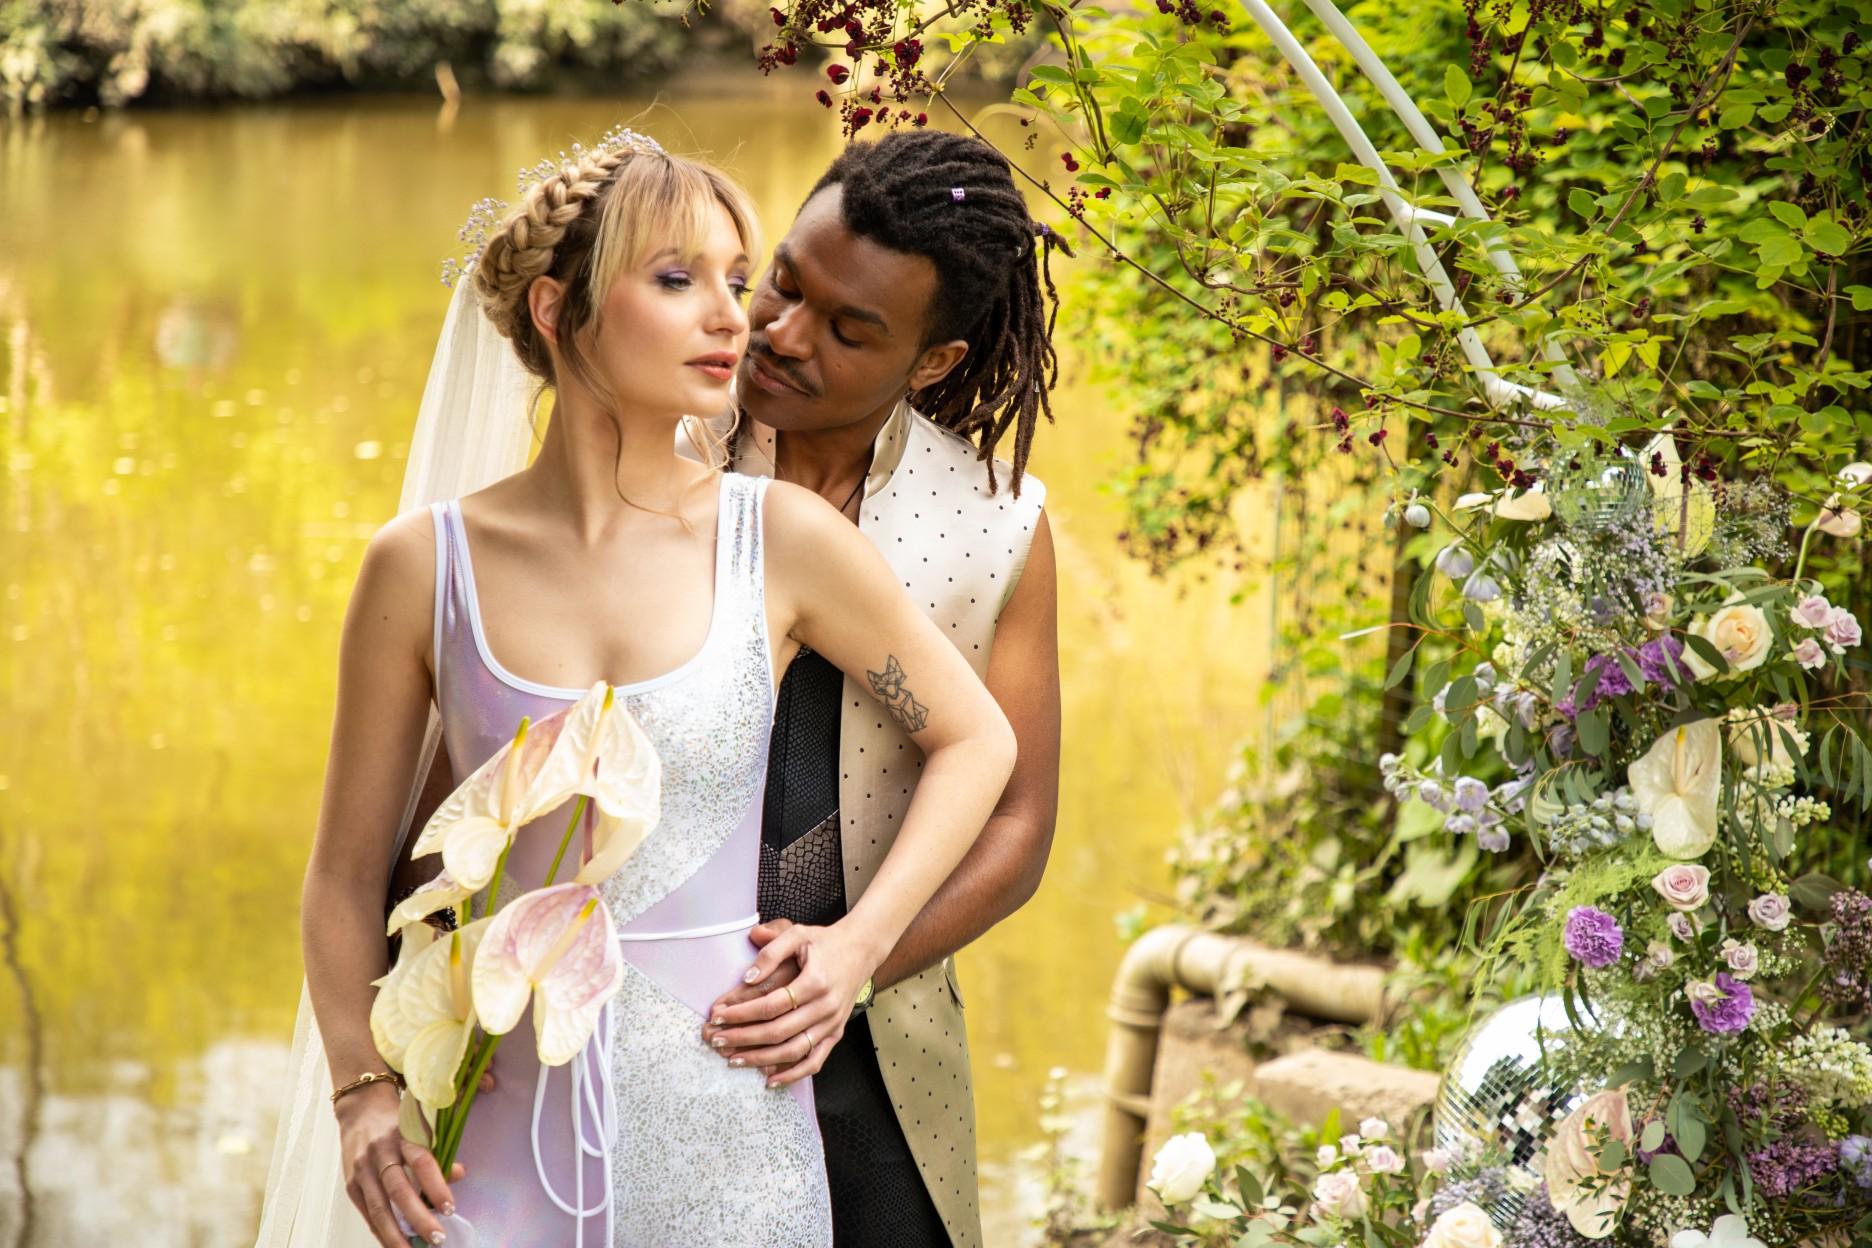 modern festival wedding - unique wedding wear - wedding jumpsuit - wedding catsuit - festival bride - unique wedding wear - outdoor wedding ceremony - festival wedding ceremony